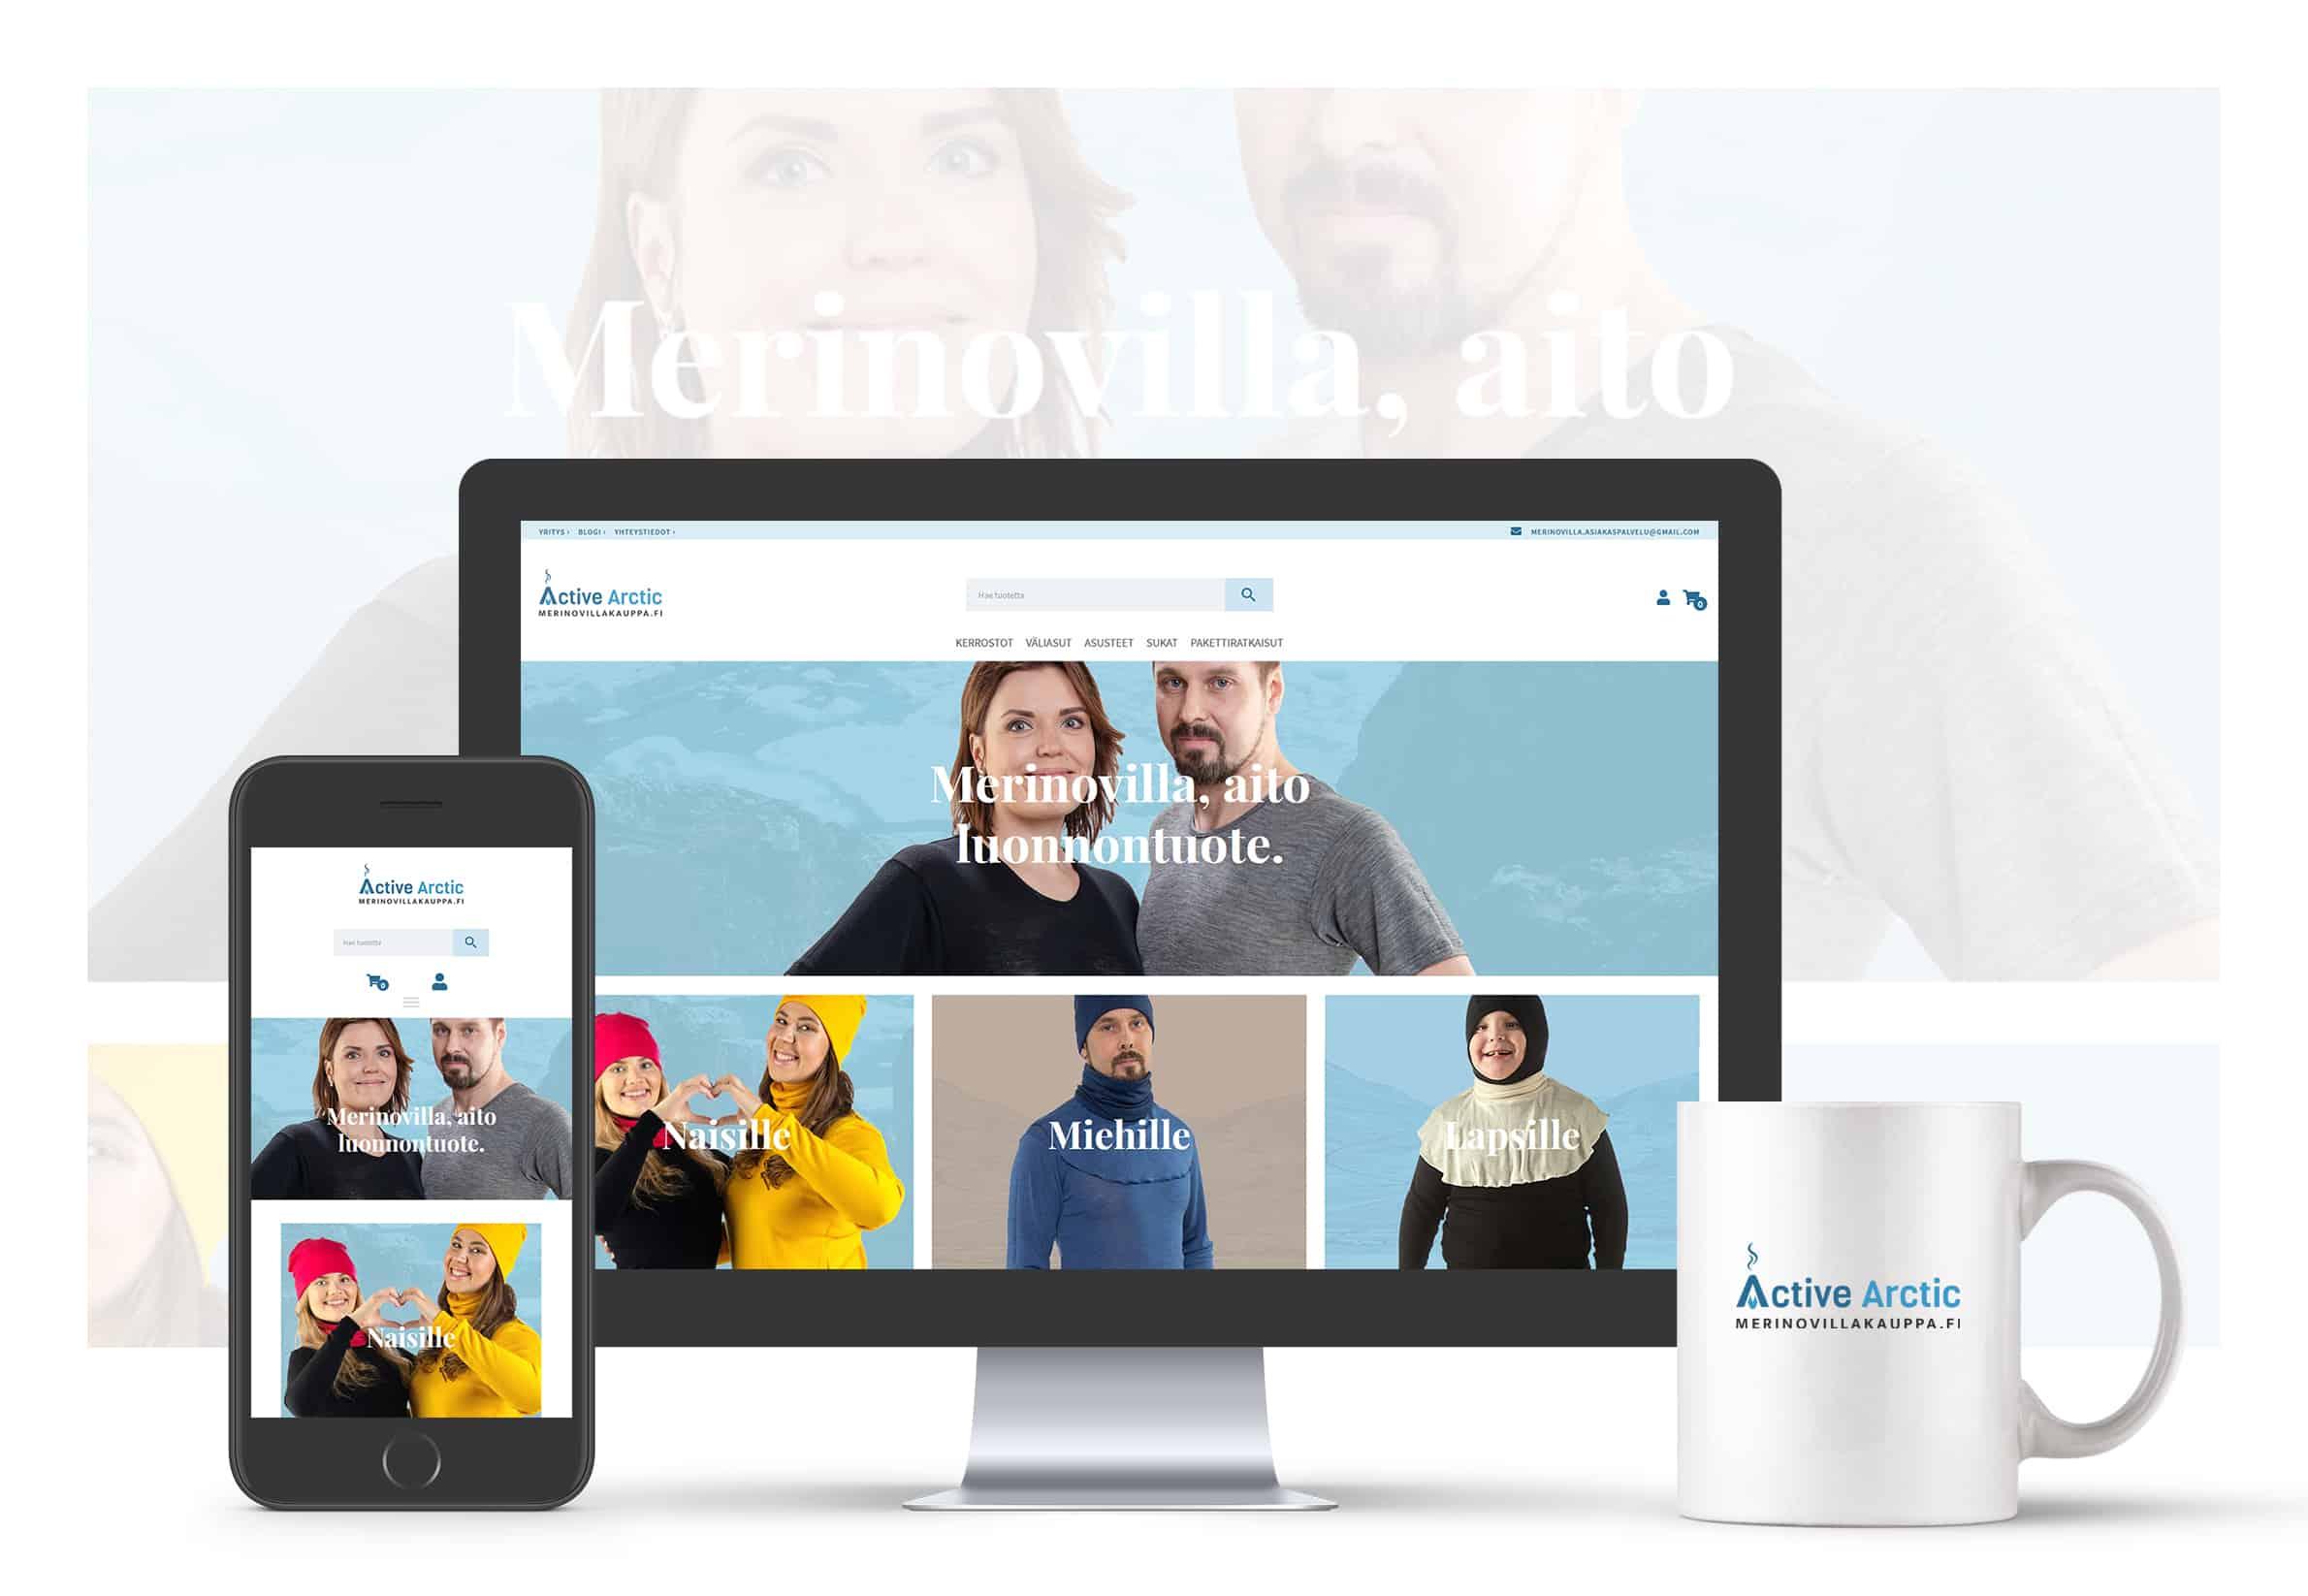 Merinovillakauppa.fi   Active Arctic